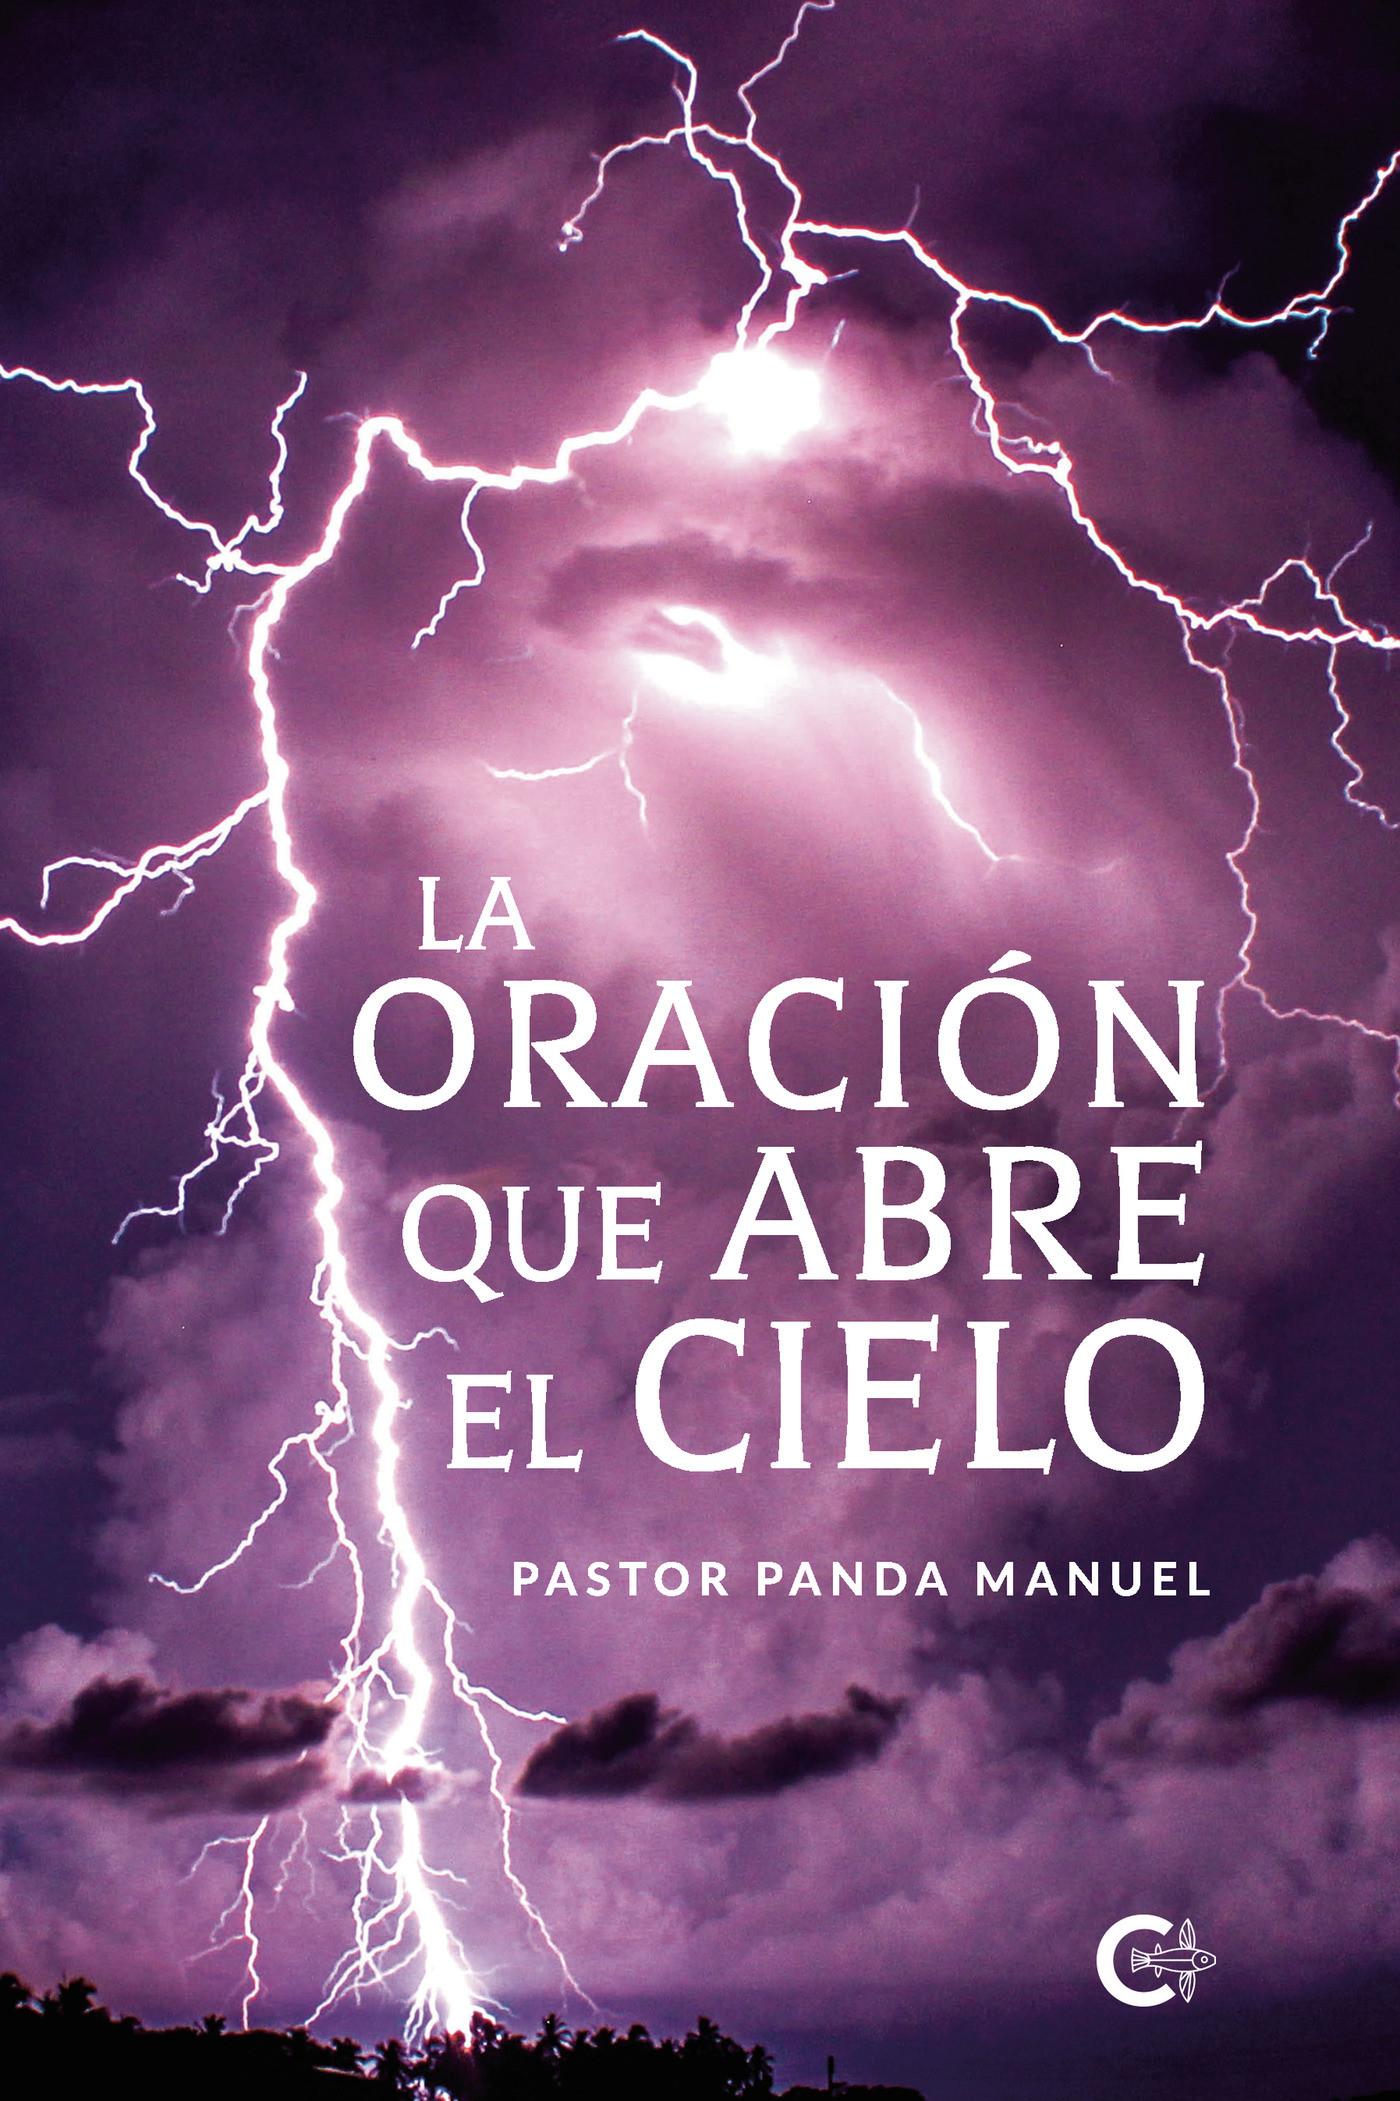 La oración que abre el cielo